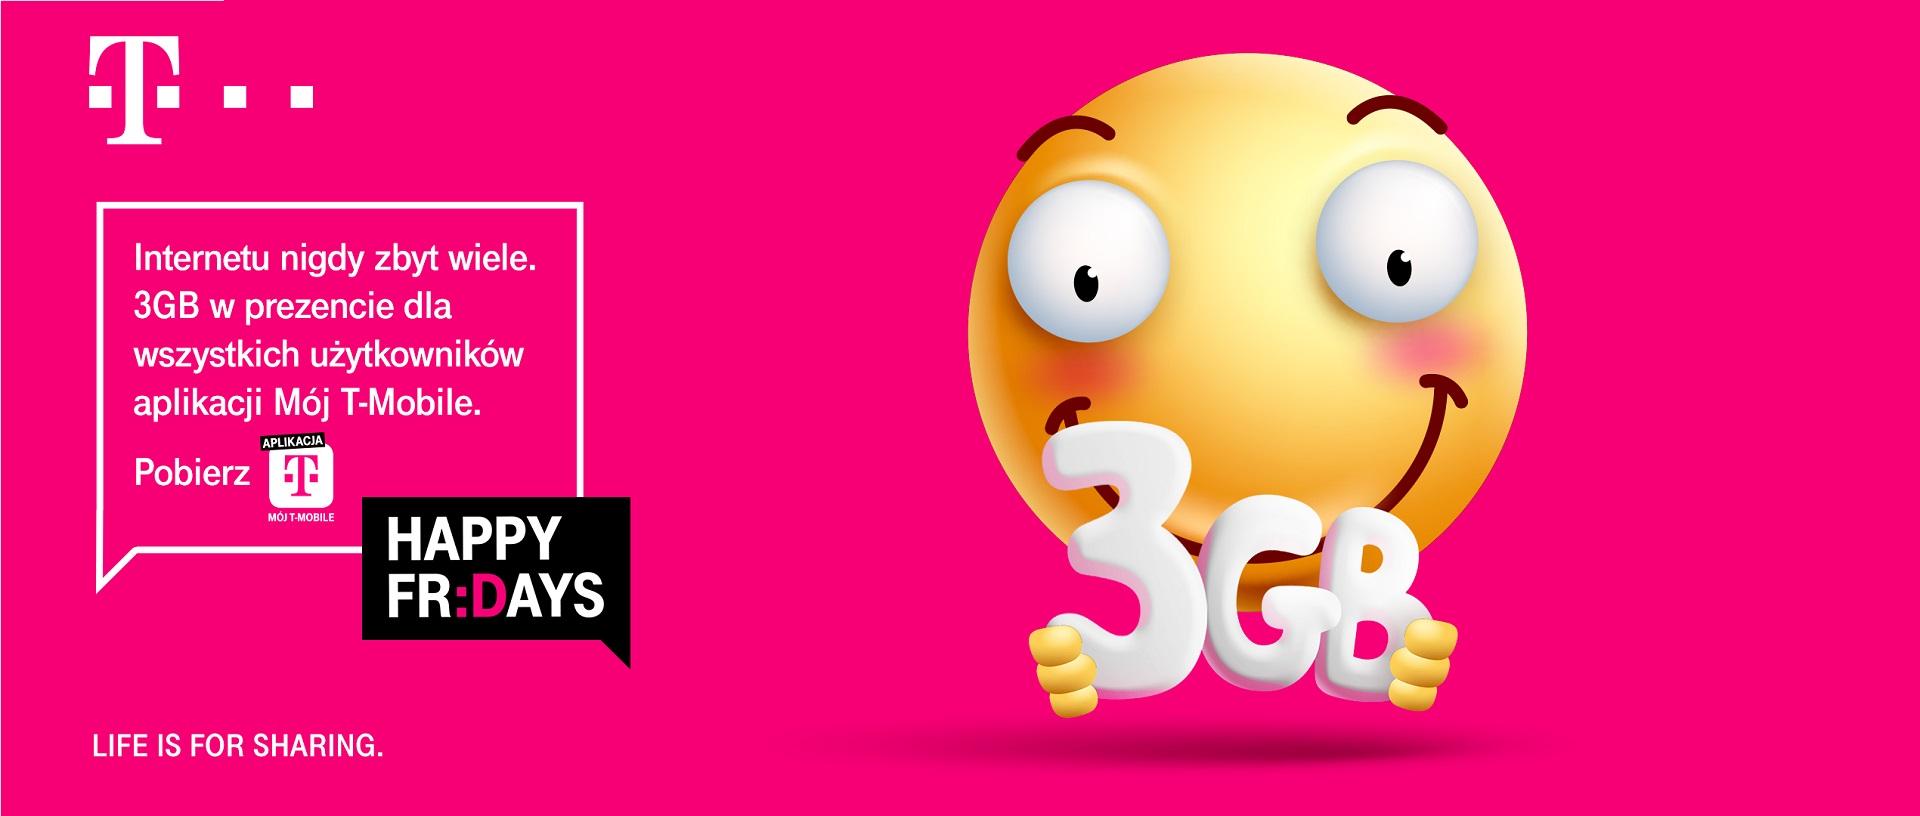 T-Mobile pakiet 3 GB internetu za darmo Happy Fridays